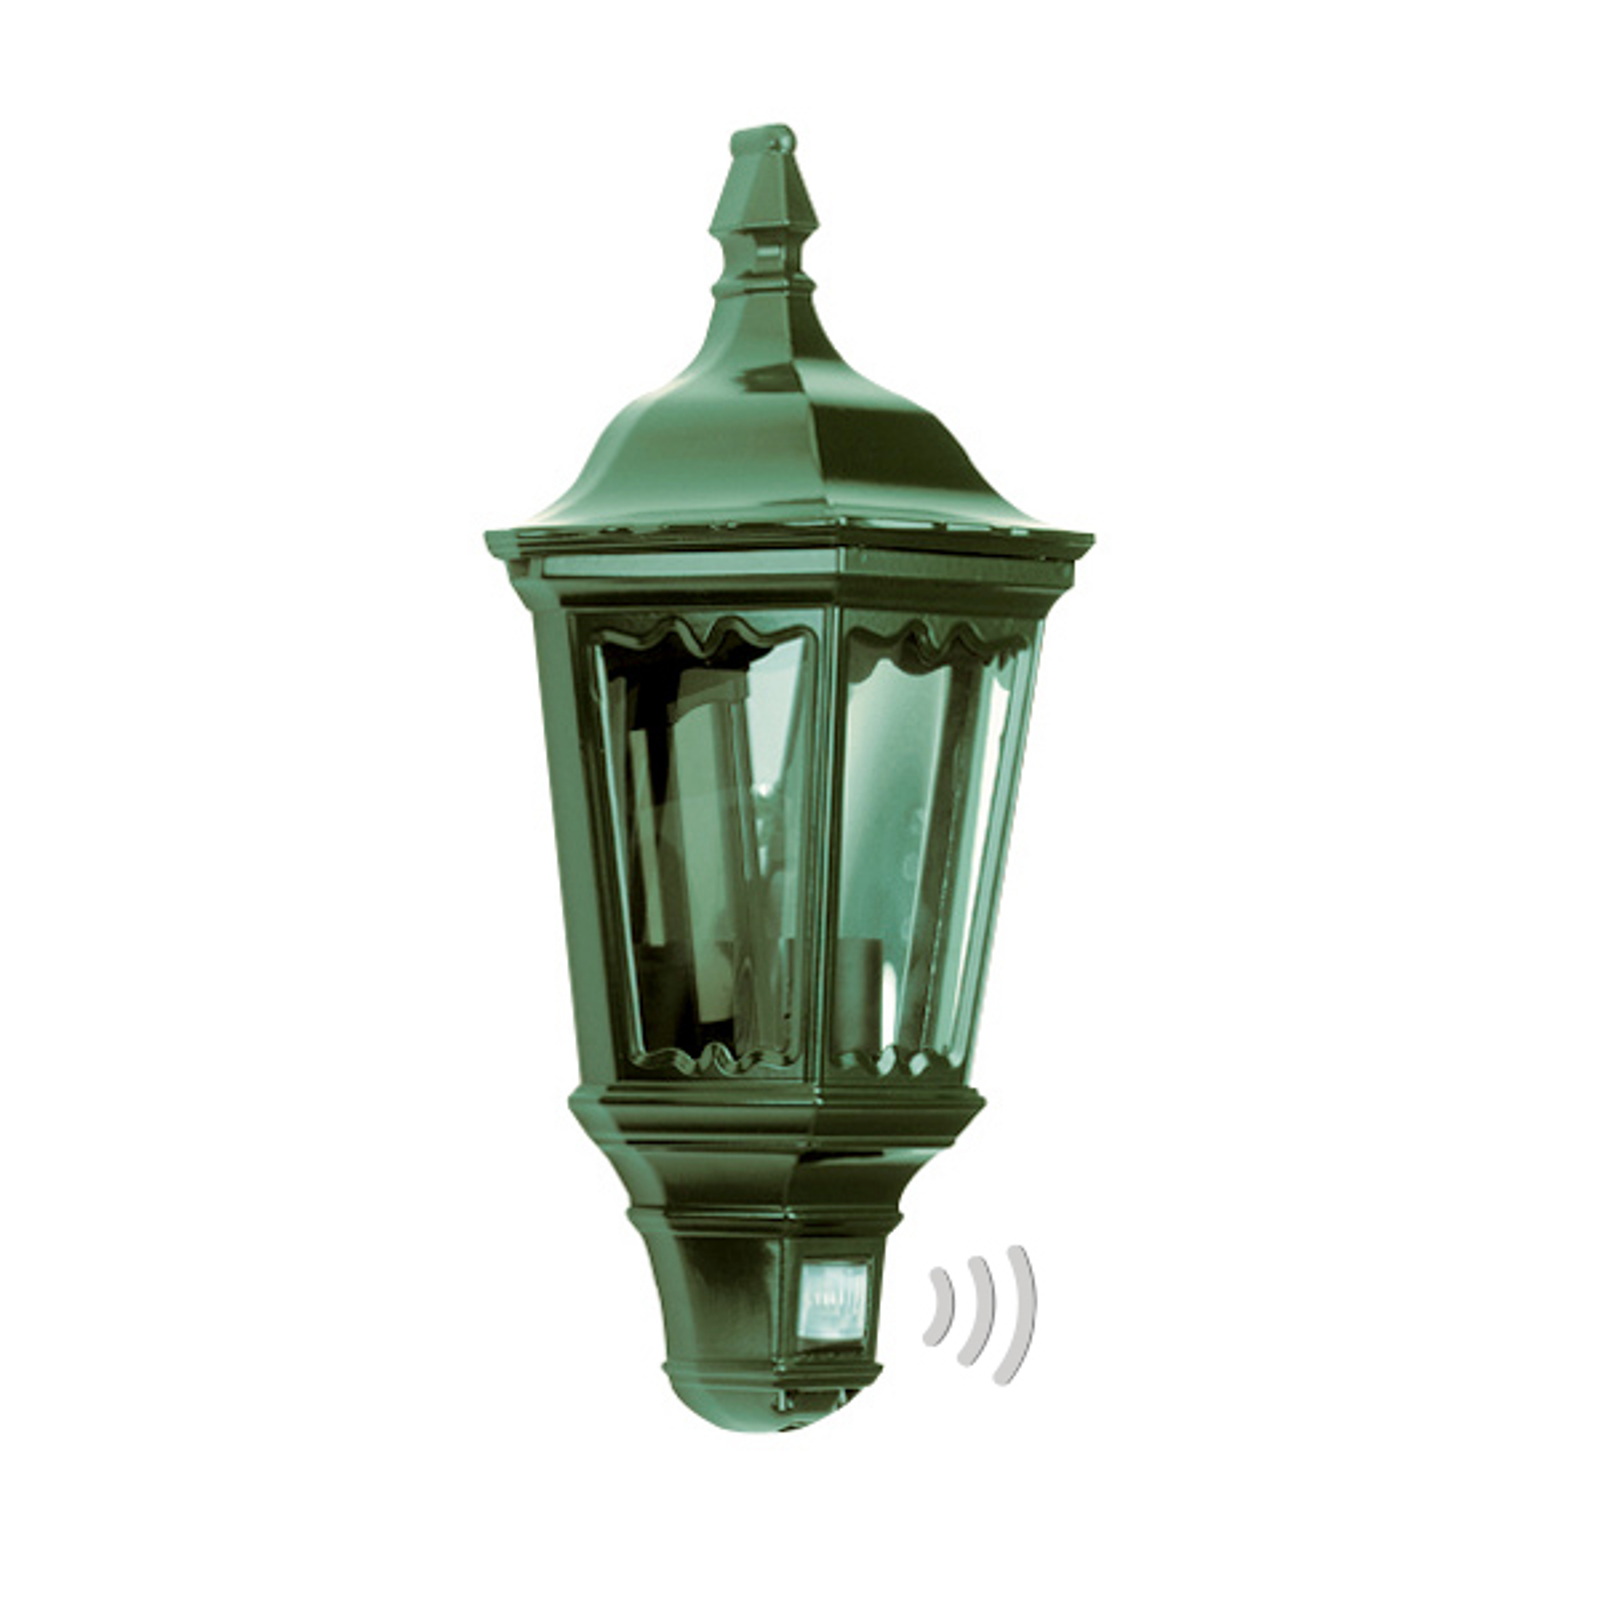 Praktische buitenwandlamp Ancona, groen